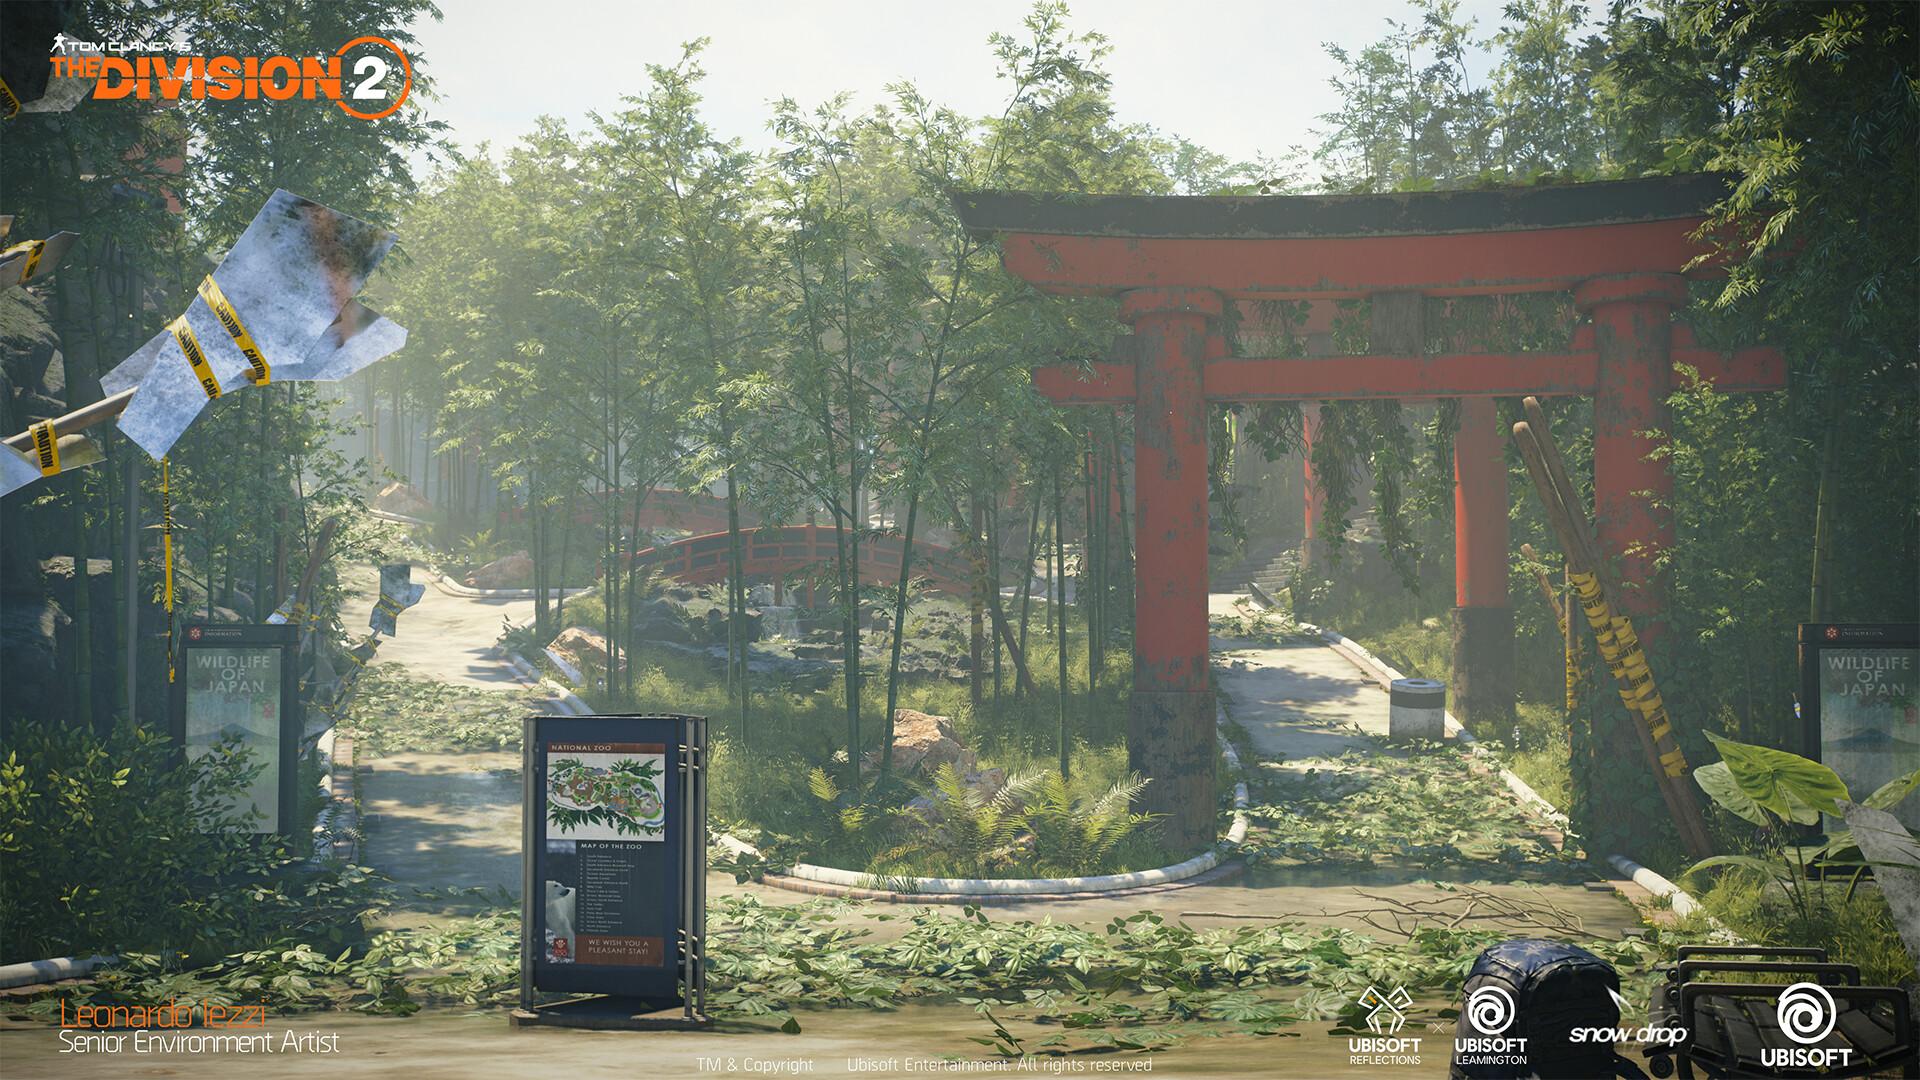 Leonardo iezzi leonardo iezzi the division 2 zoo environment art 03 japan 003